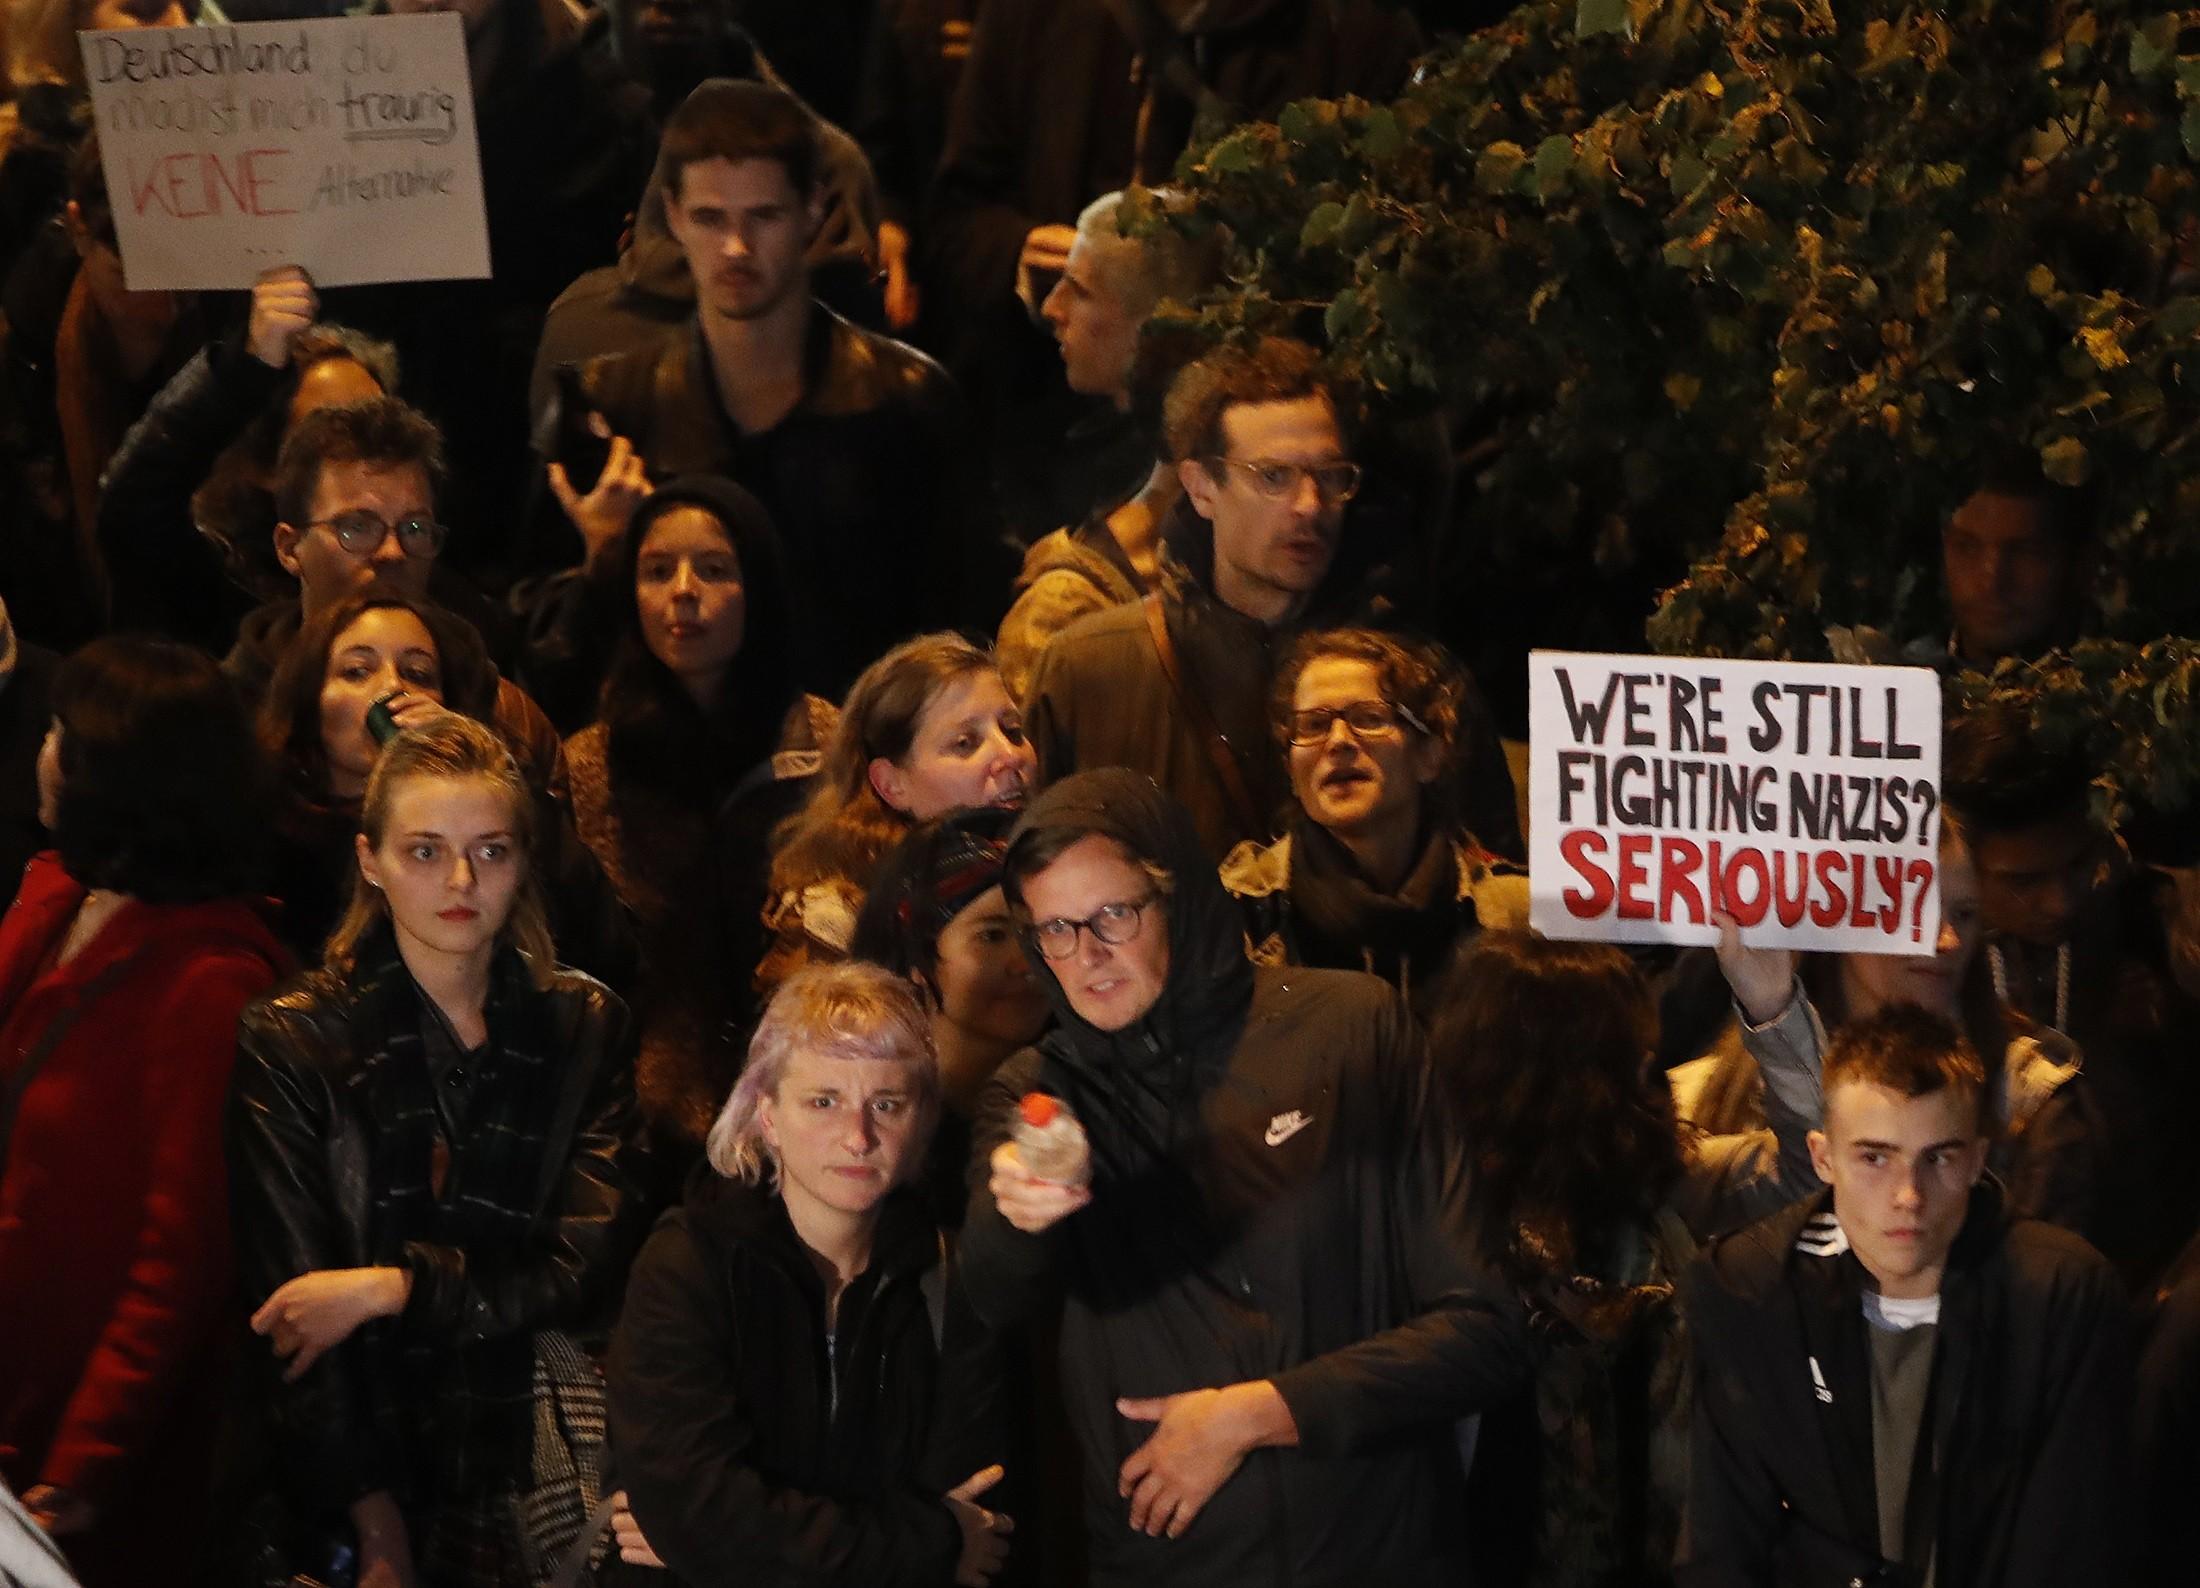 Protestos contra partido Alternativa para a Alemanha marcam final de eleição federal alemã